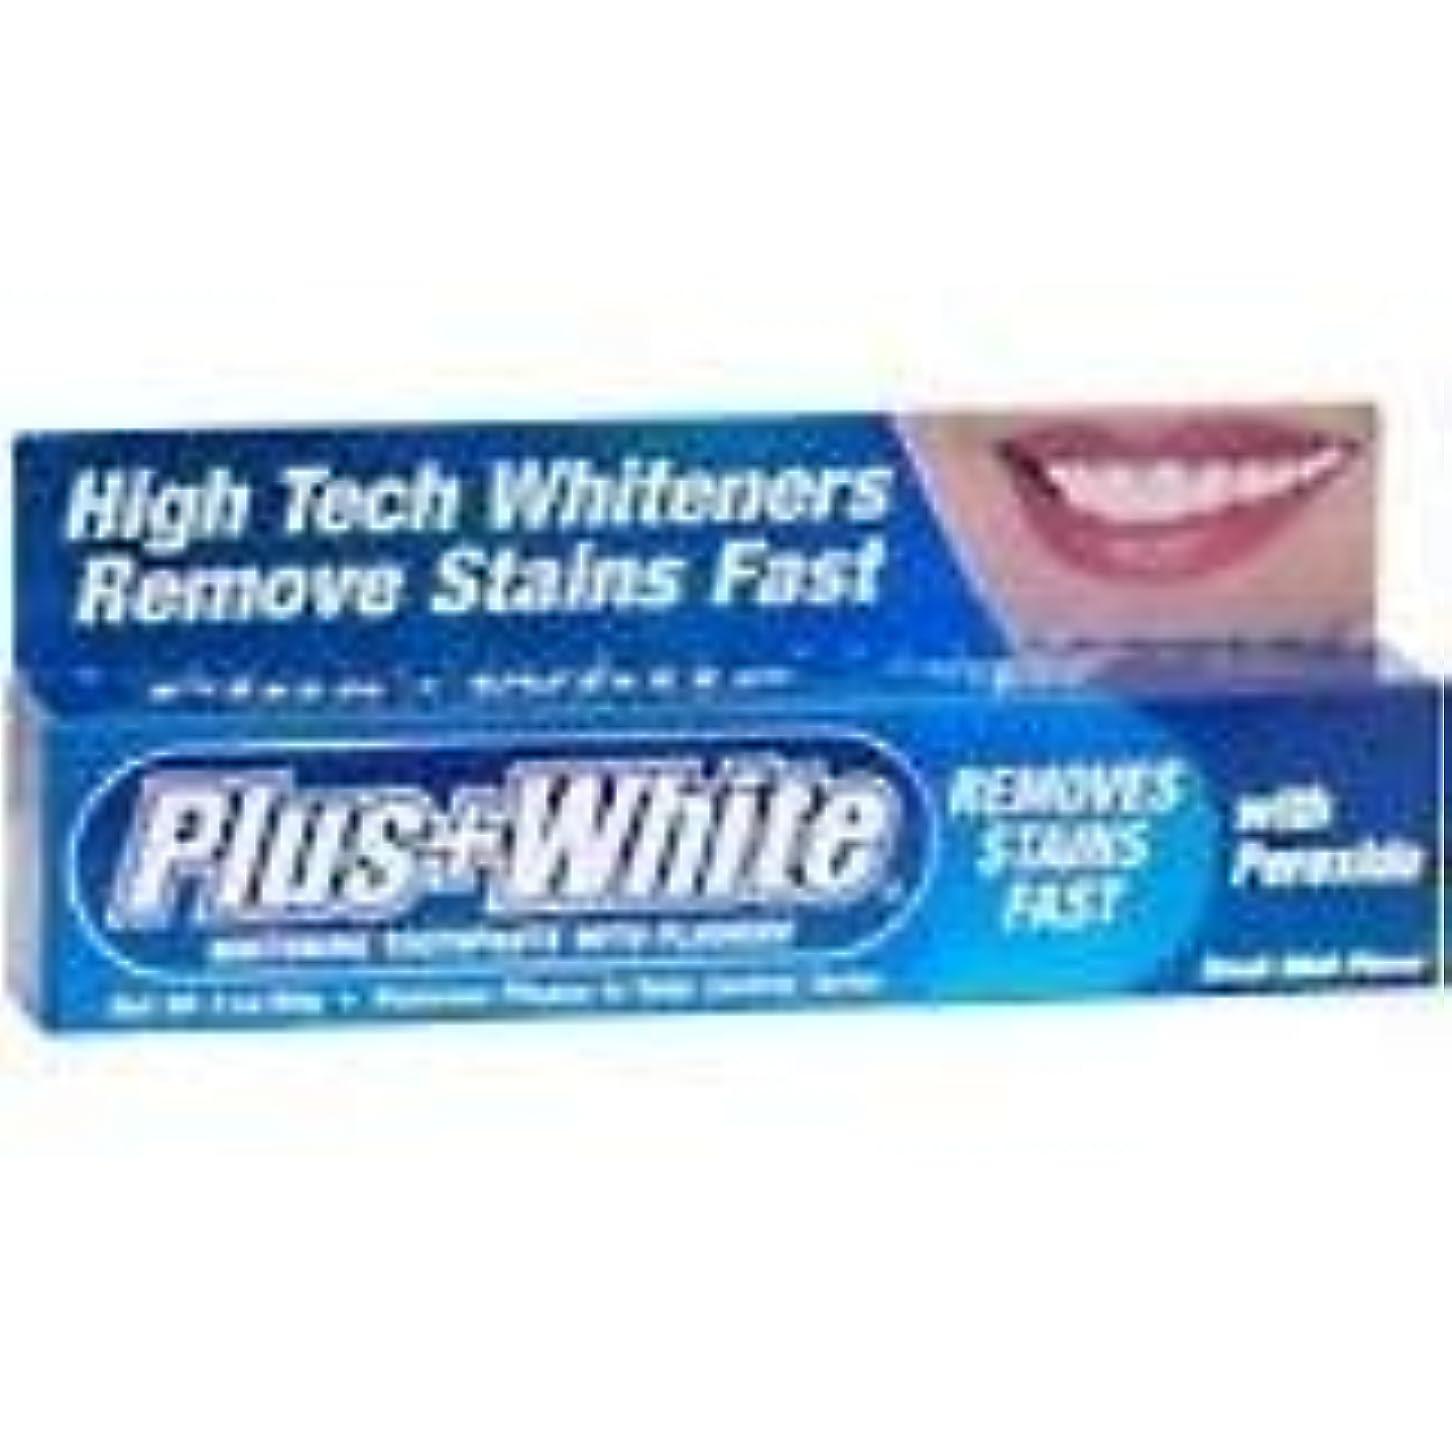 引っ張る尊敬マナーPlus White 過酸化物とエクストラホワイトニング歯磨き(1パック)